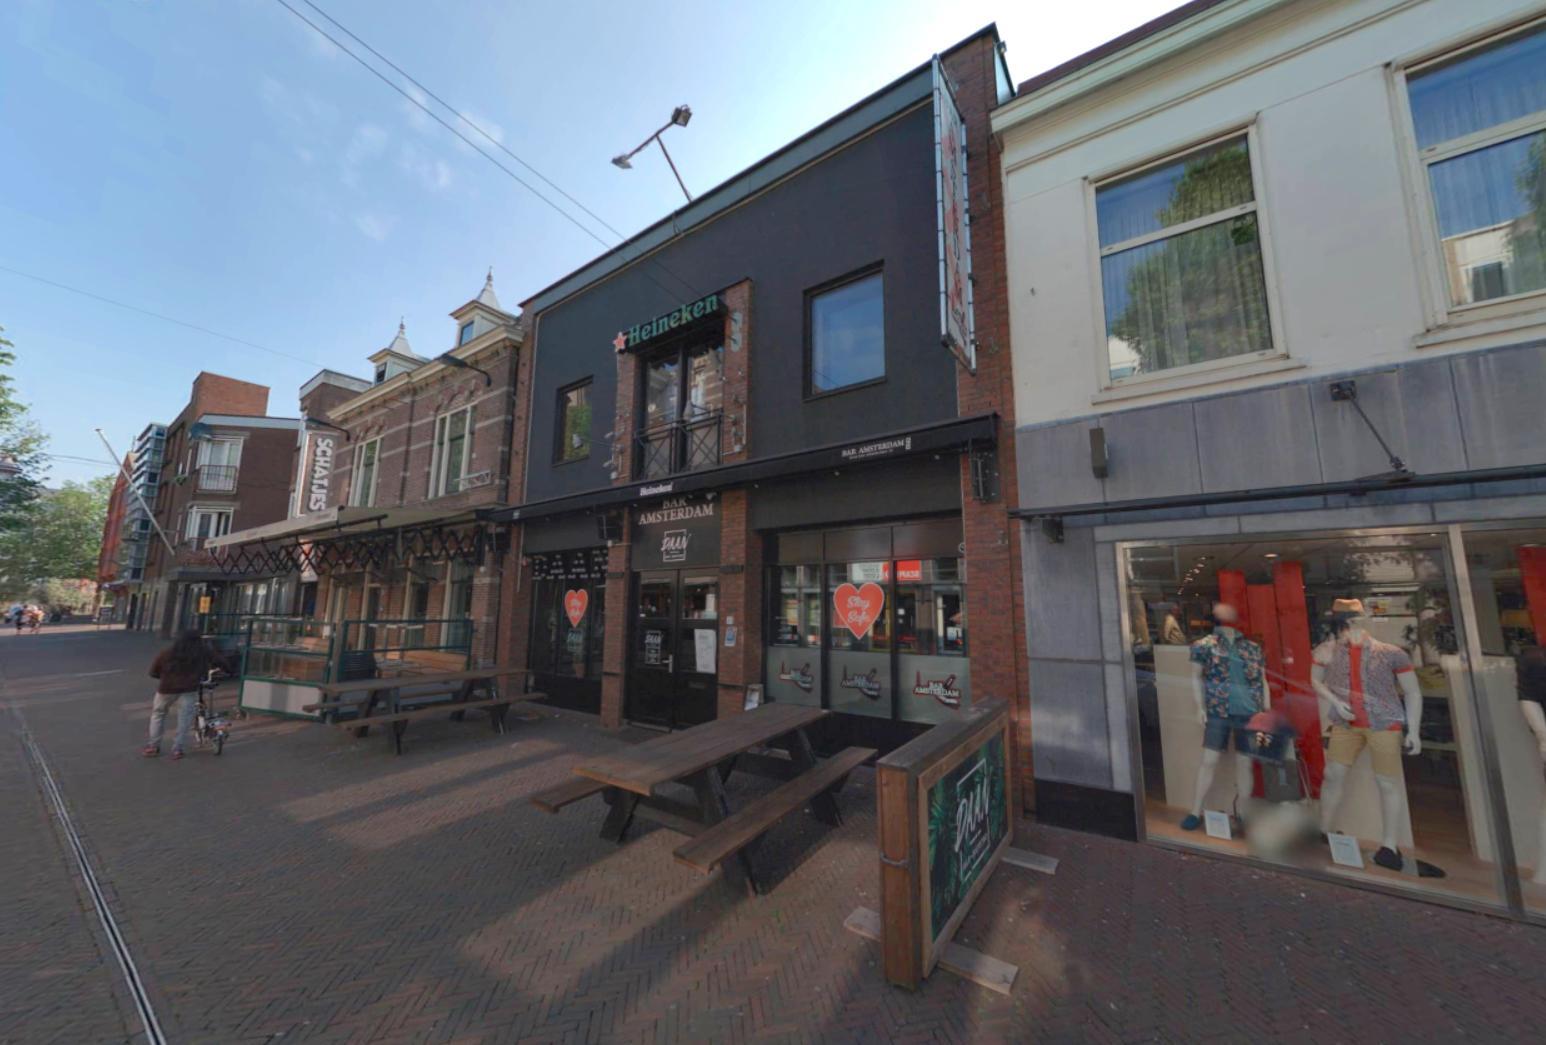 Twee feestcafés in centrum Alphen aan den Rijn gaan dicht: 'Enorme blijdschap van twee weken geleden heeft plaatsgemaakt voor bezorgdheid en verdriet'